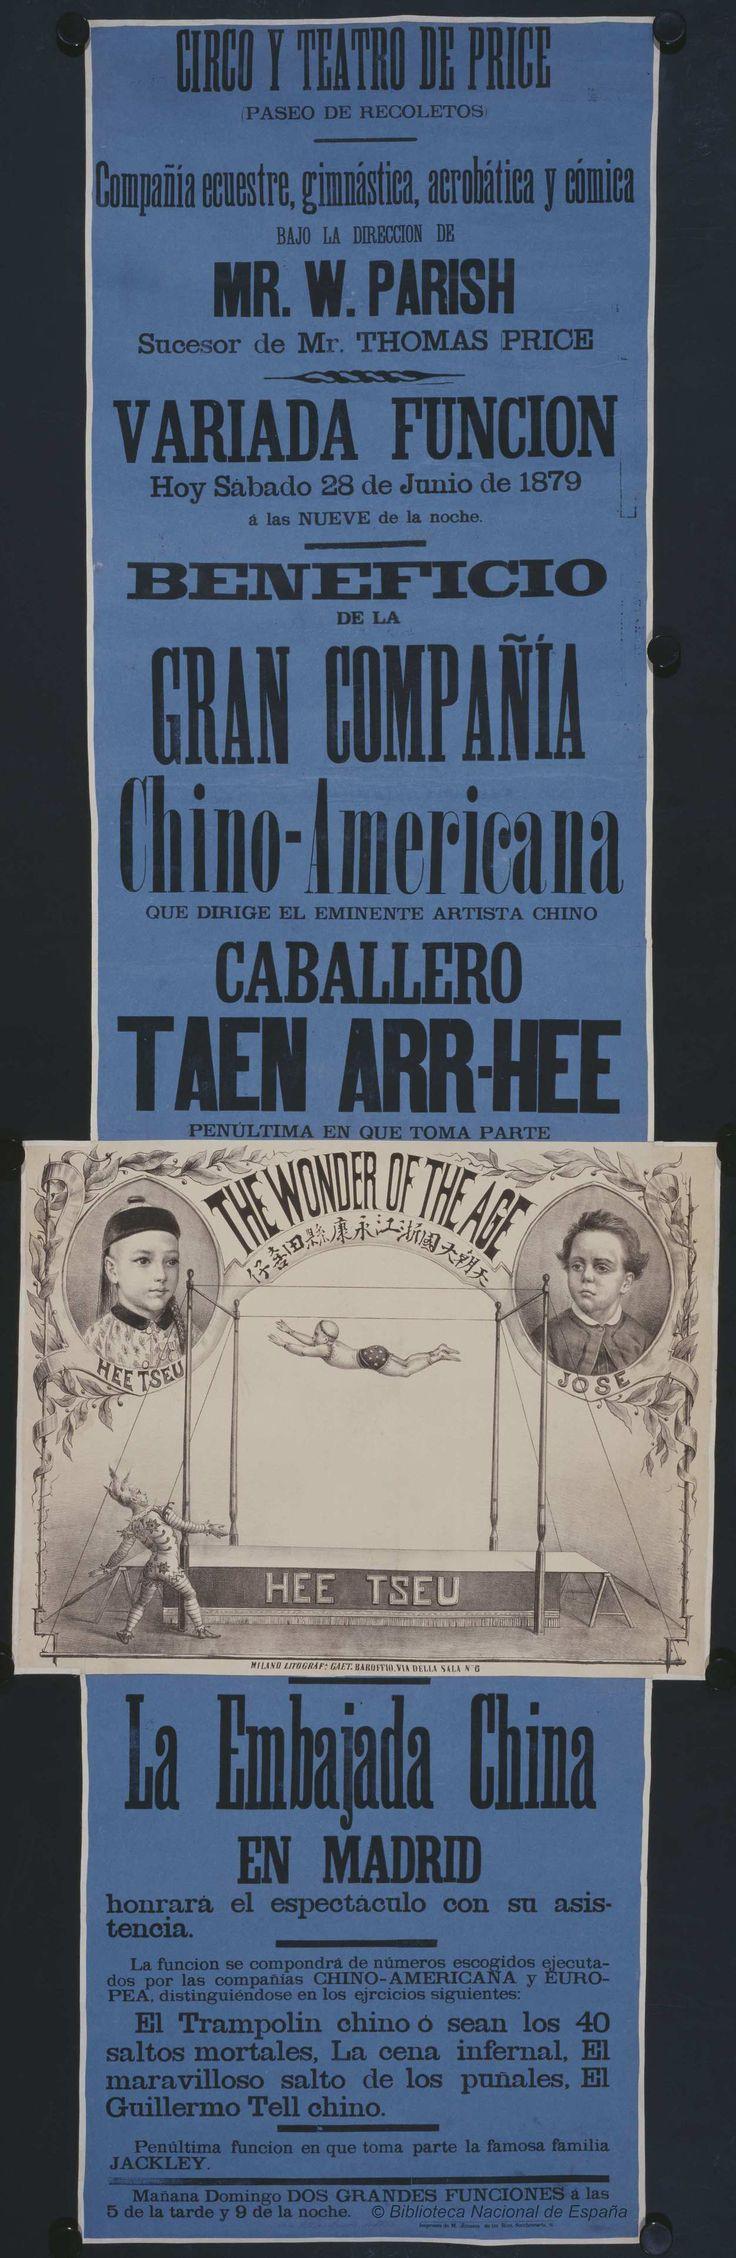 Variada función. Circo Price — Dibujos, grabados y fotografías — 1879